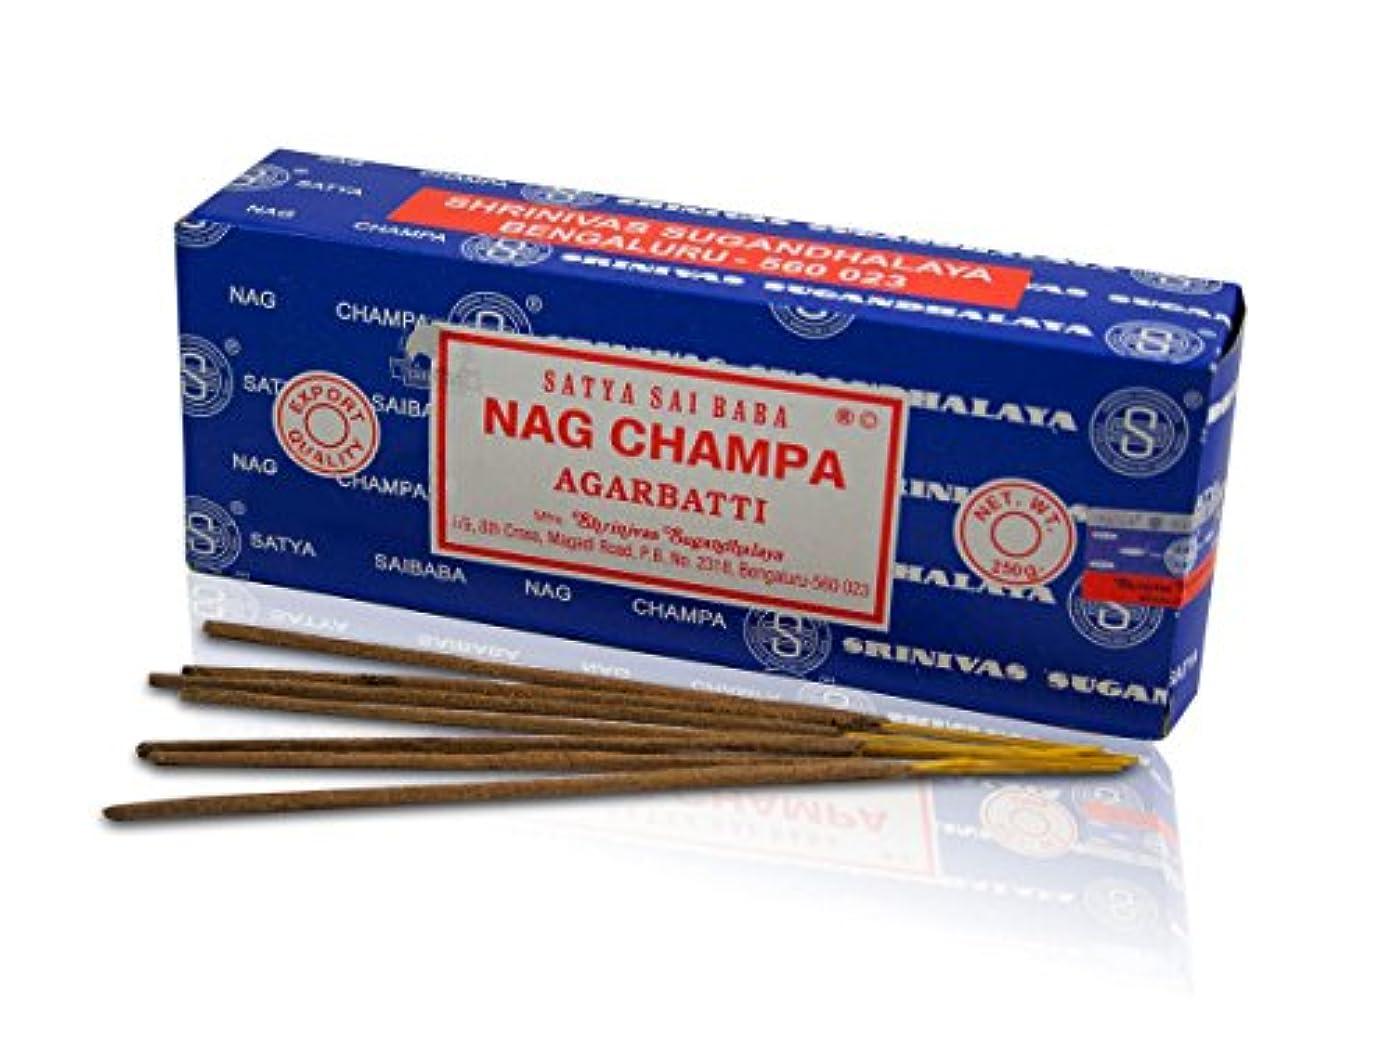 圧縮ベッド救援Satya Nag Champa 250ミリグラムIncense Stick